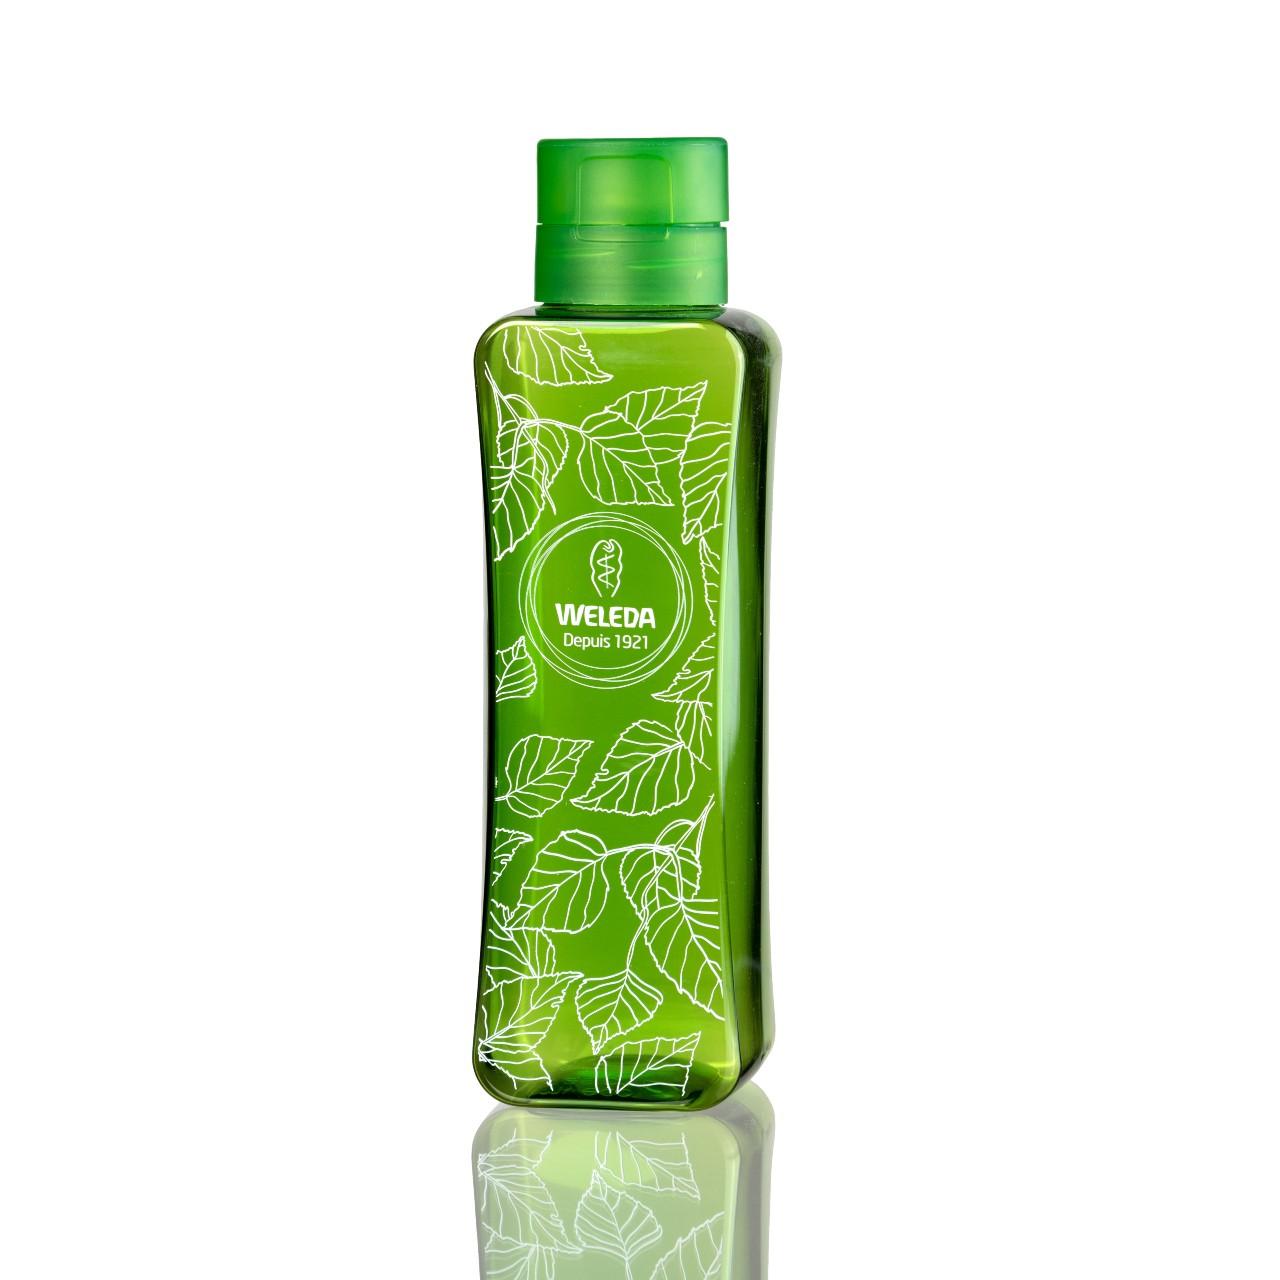 bouteille nomade verte en PET 100% recyclé fait pour Weleda